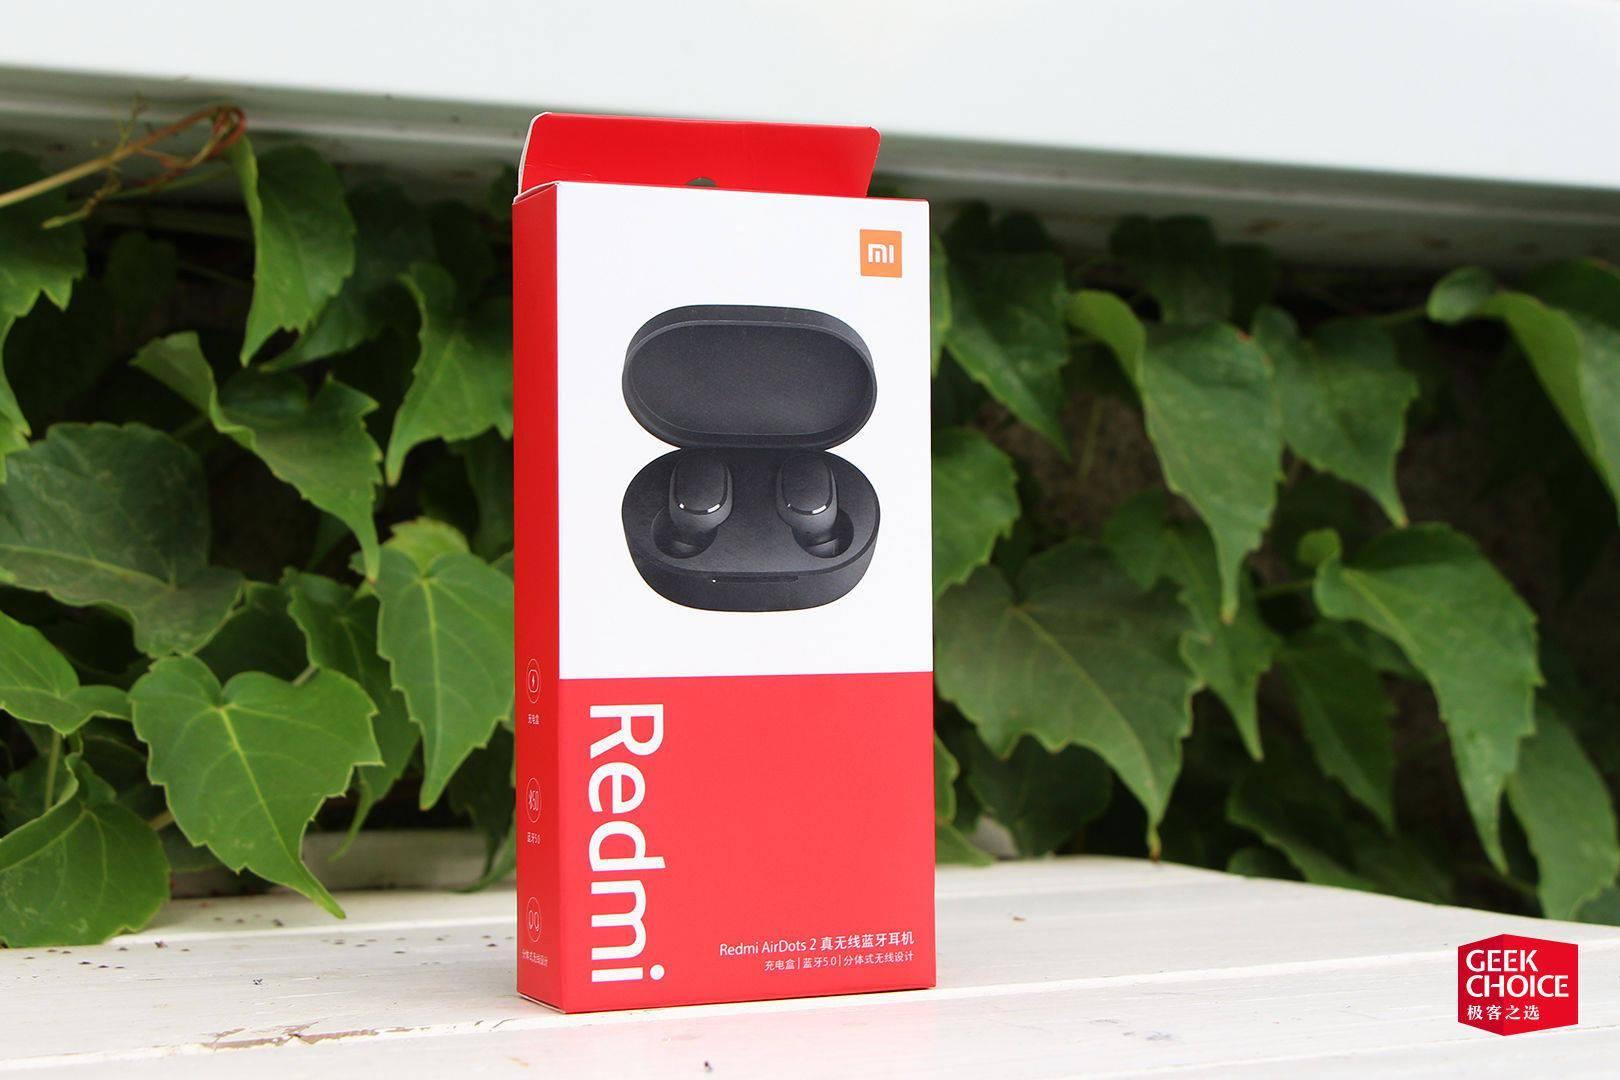 99 元买真无线耳机,有了 Redmi AirDots 2 还要啥自行车